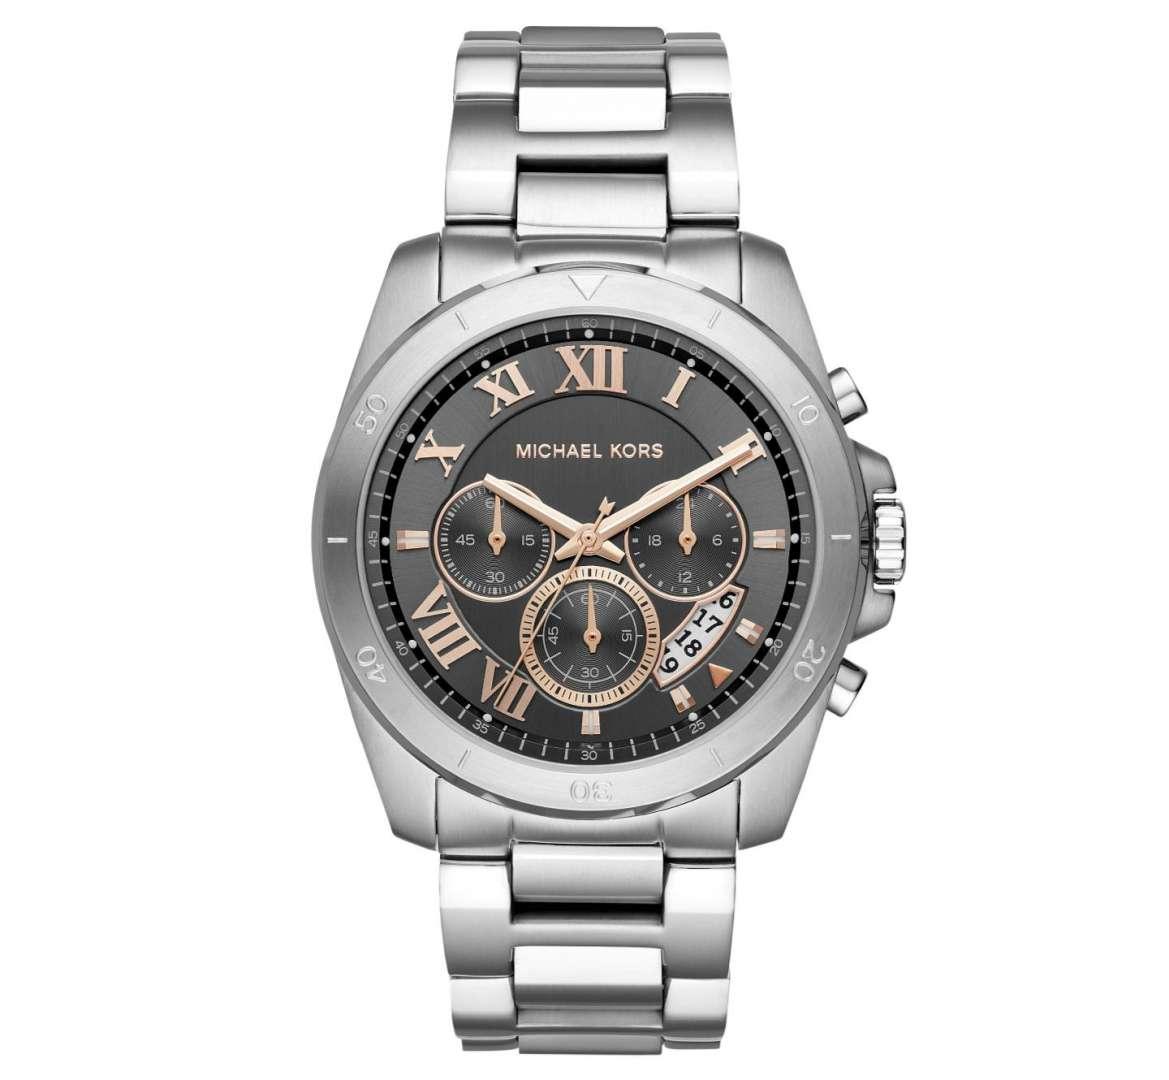 שעון יד אנלוגי לגבר michael kors mk8609 מייקל קורס